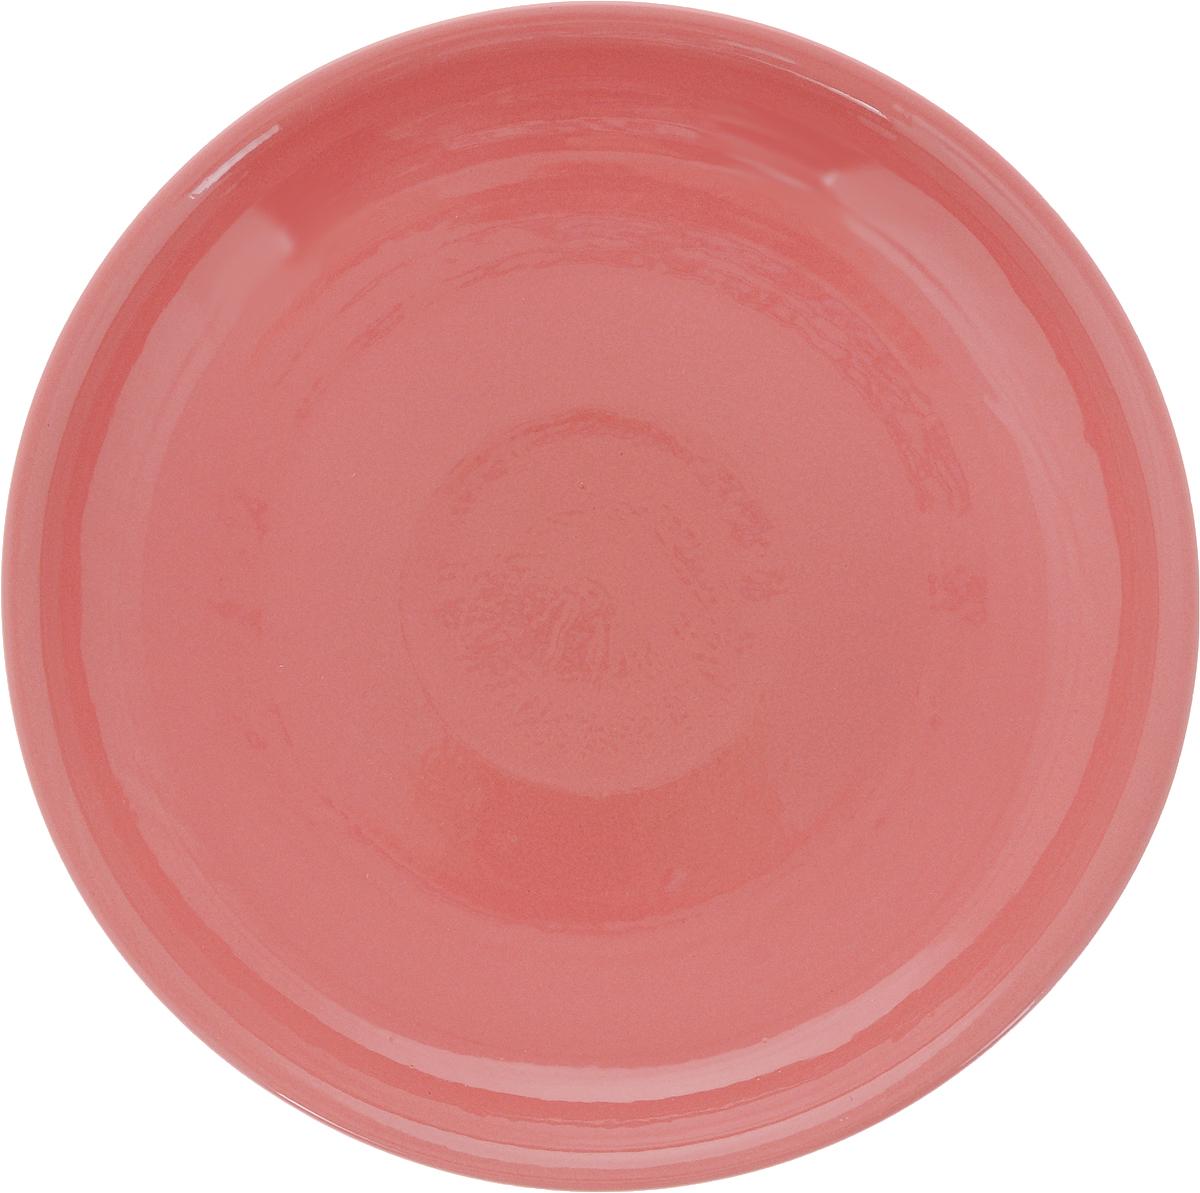 Тарелка Борисовская керамика Радуга, цвет: розовый, диаметр 18 см54 009312Тарелка Борисовская керамика Радуга выполнена из высококачественной керамики. Изделие идеально подойдет для сервировки стола и станет отличным подарком к любому празднику. Можно использовать в духовке и микроволновой печи.